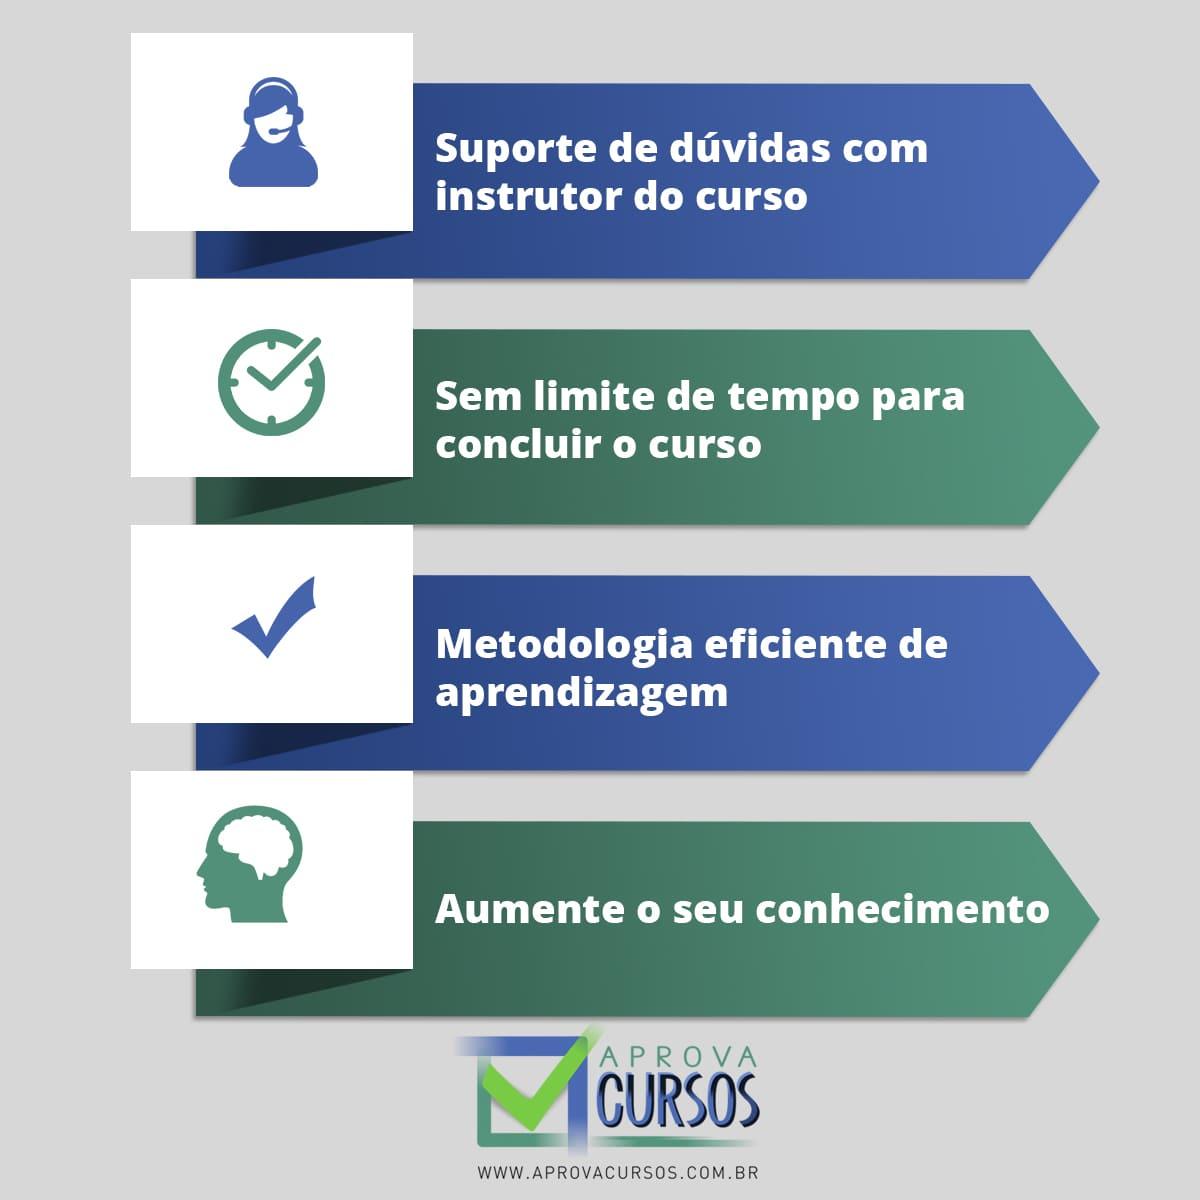 Curso Online de Comércio Internacional com Certificado  - Aprova Cursos